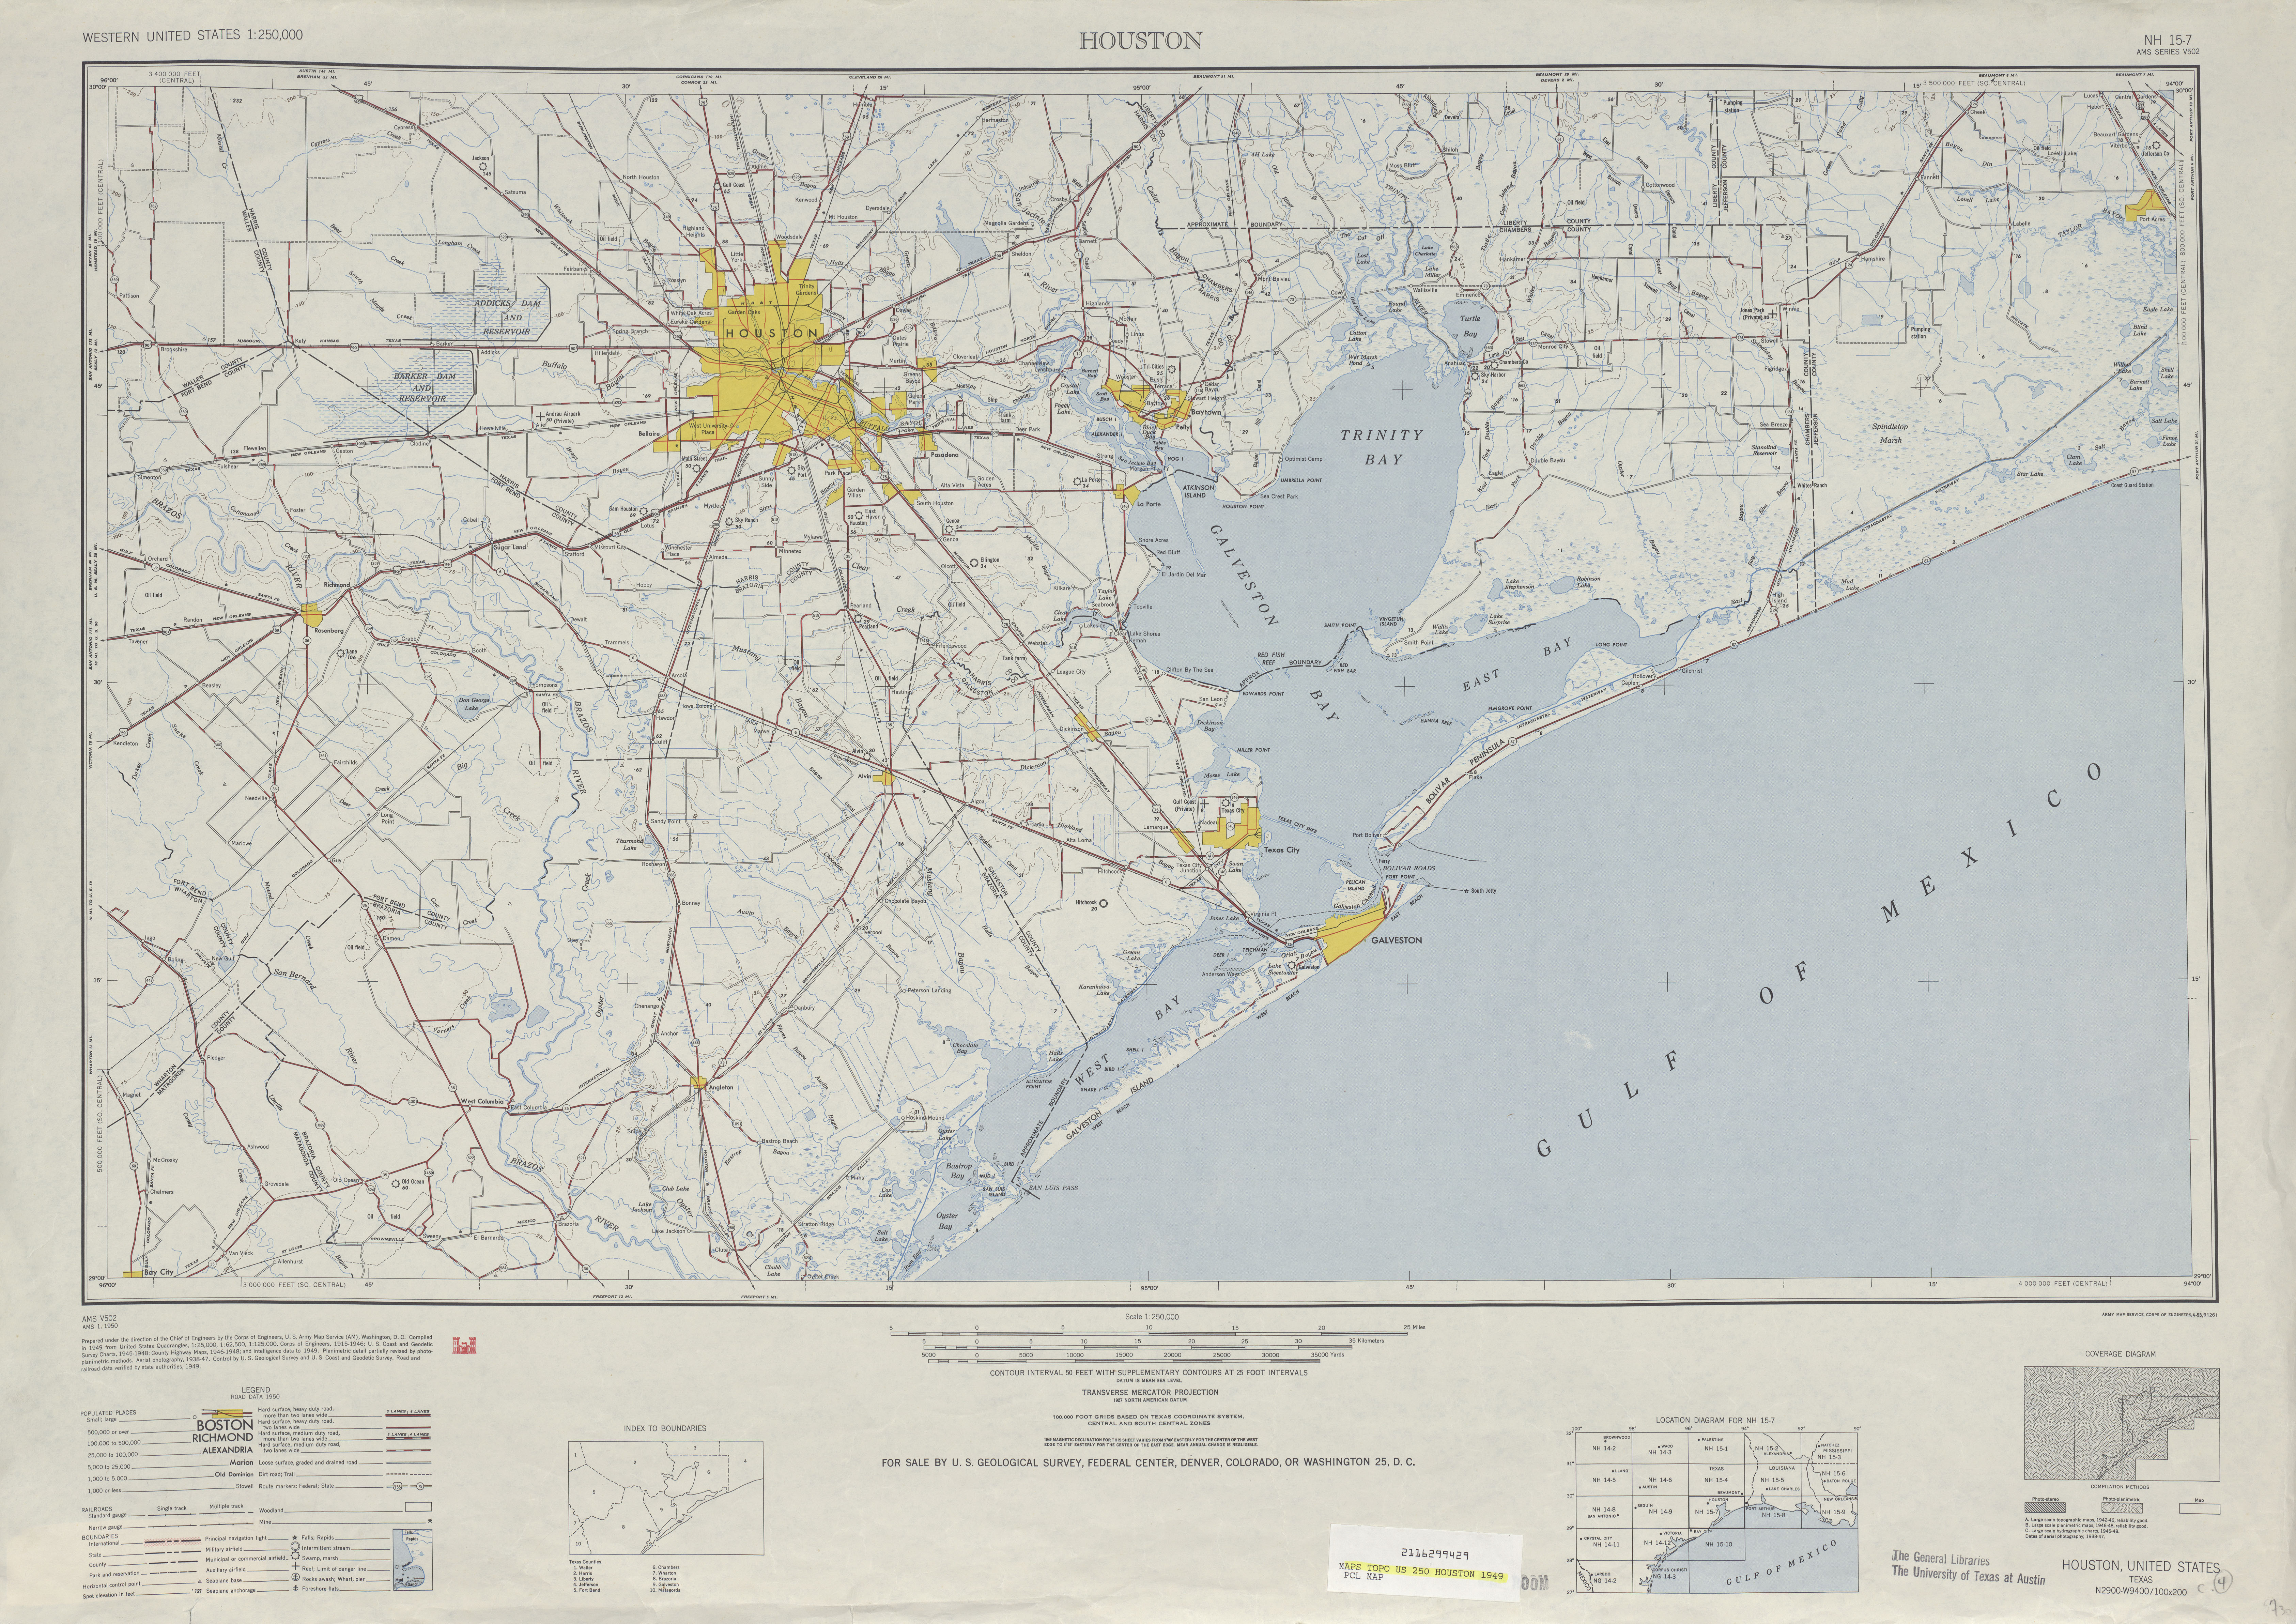 Hoja Houston del Mapa Topográfico de los Estados Unidos 1949